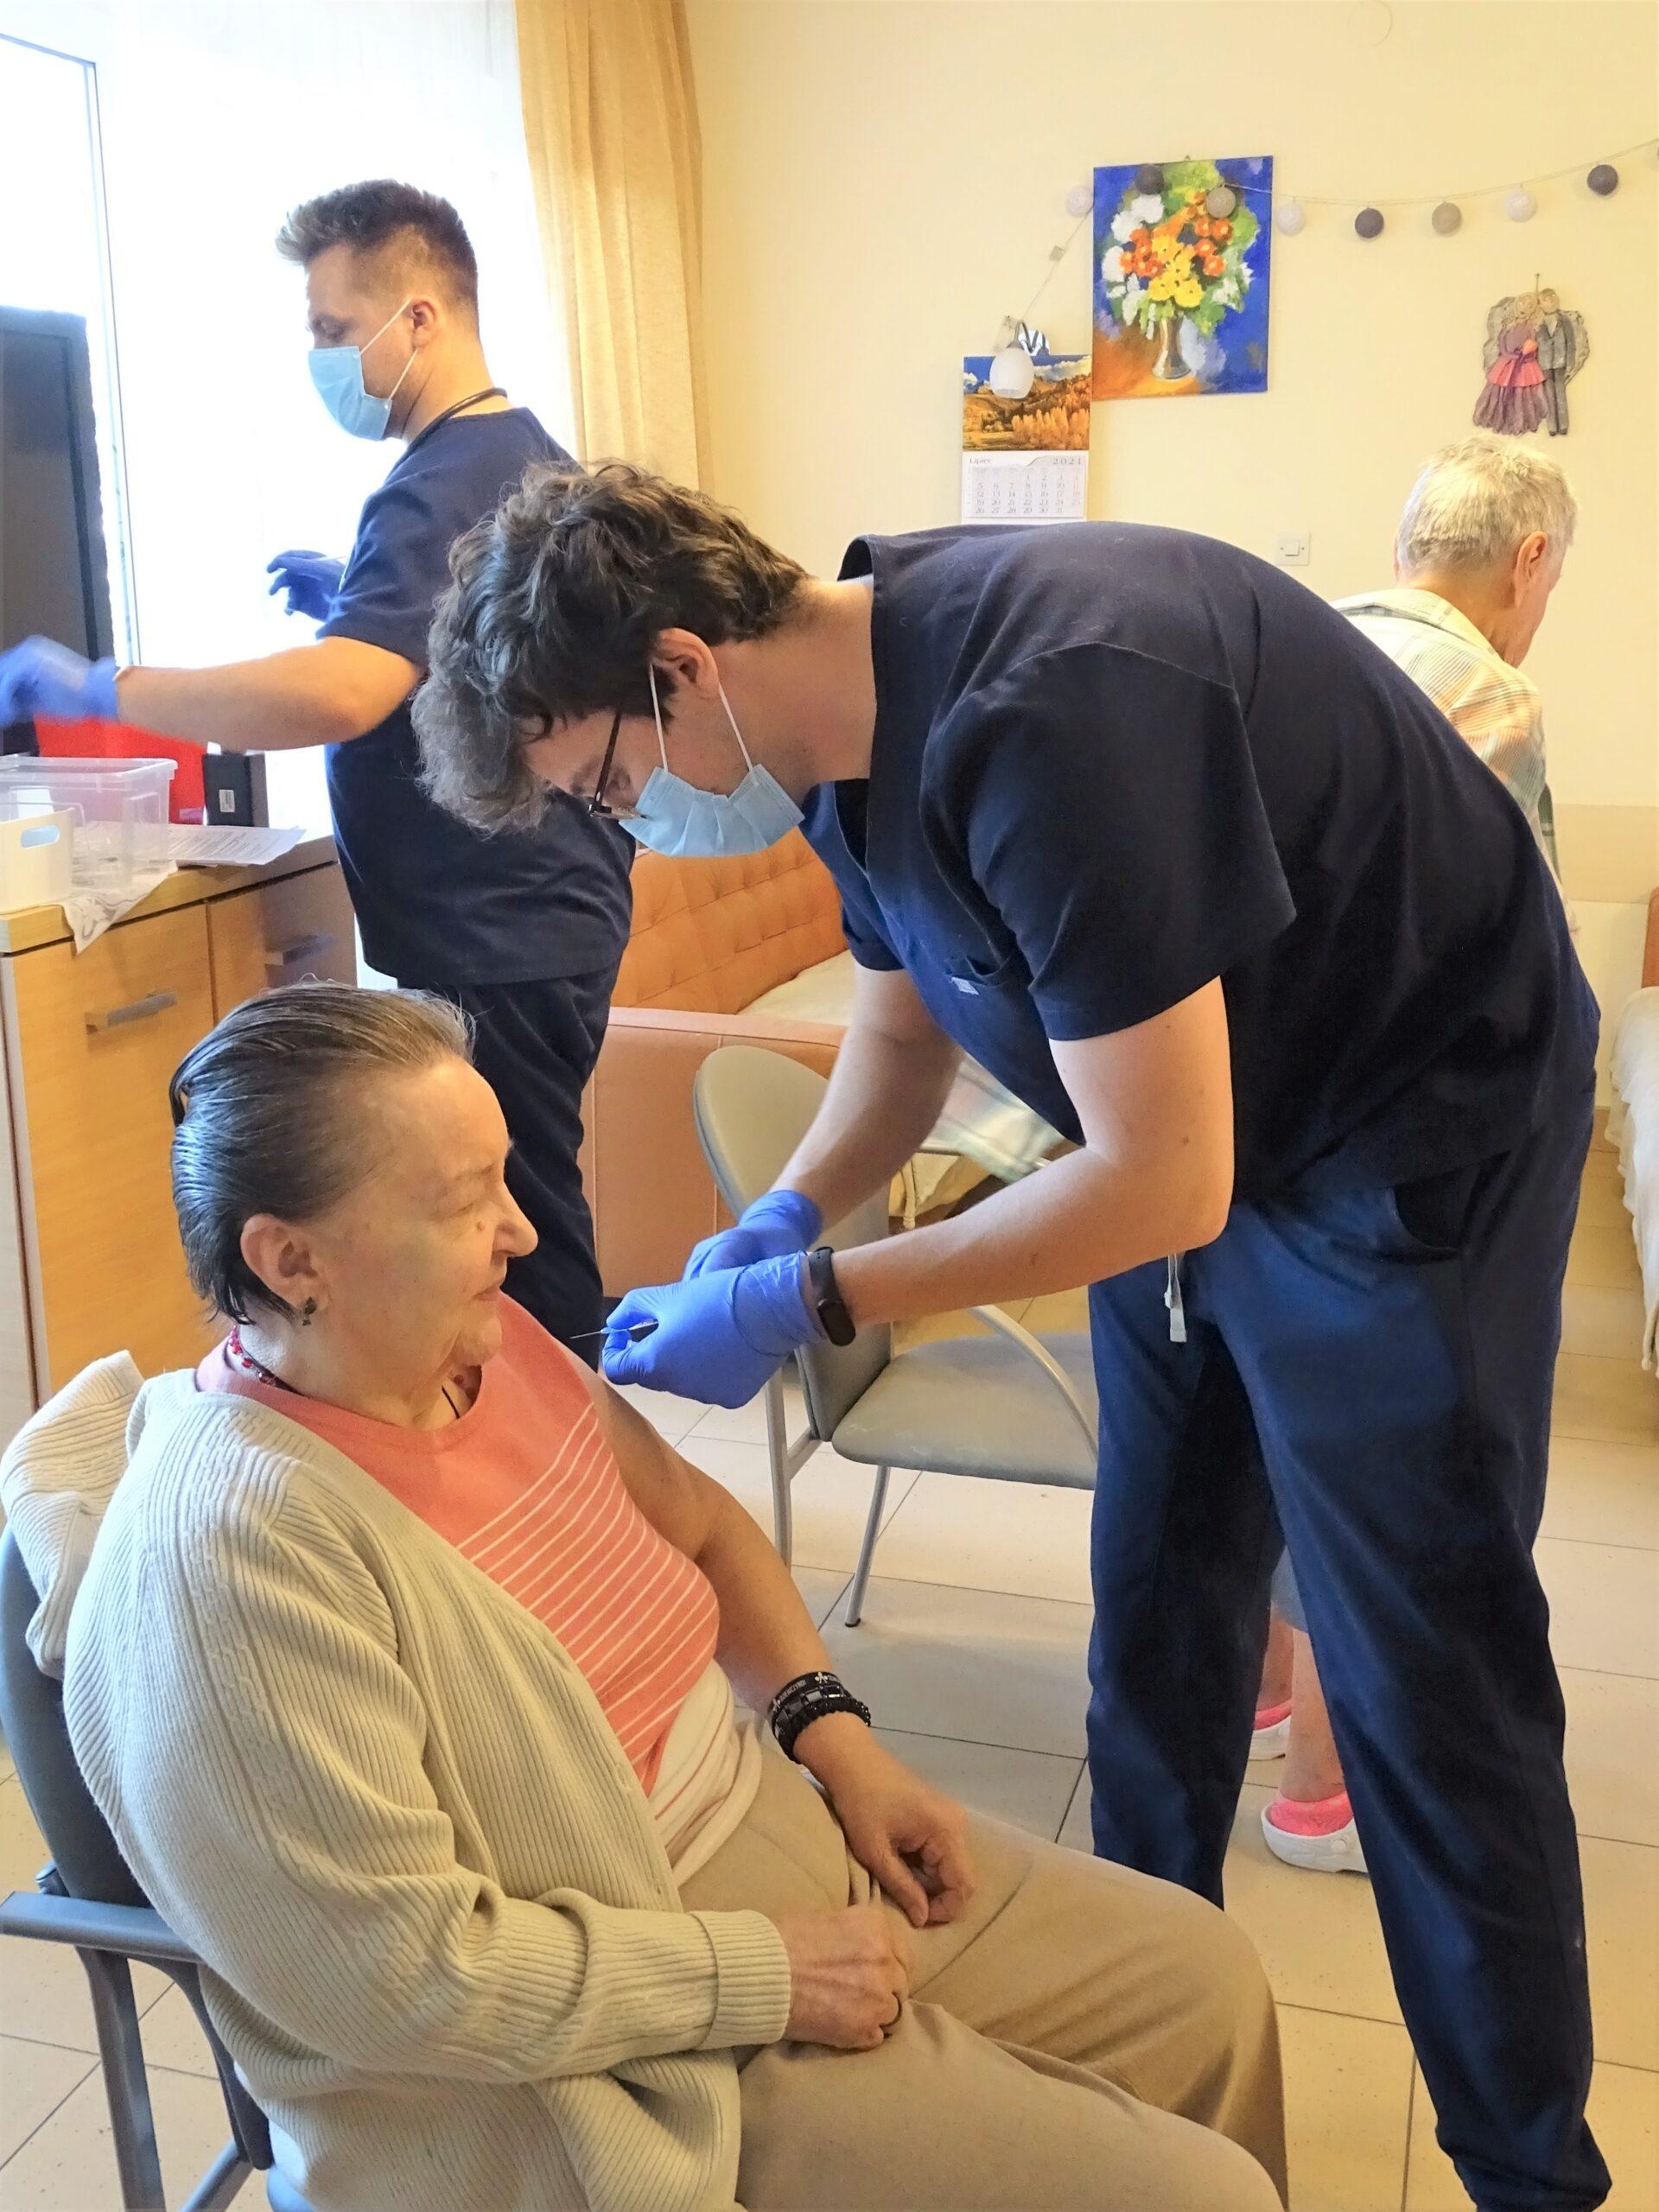 Medycy wykonujący szczepienie przeciw Covid-19 Mieszkańcom Domu